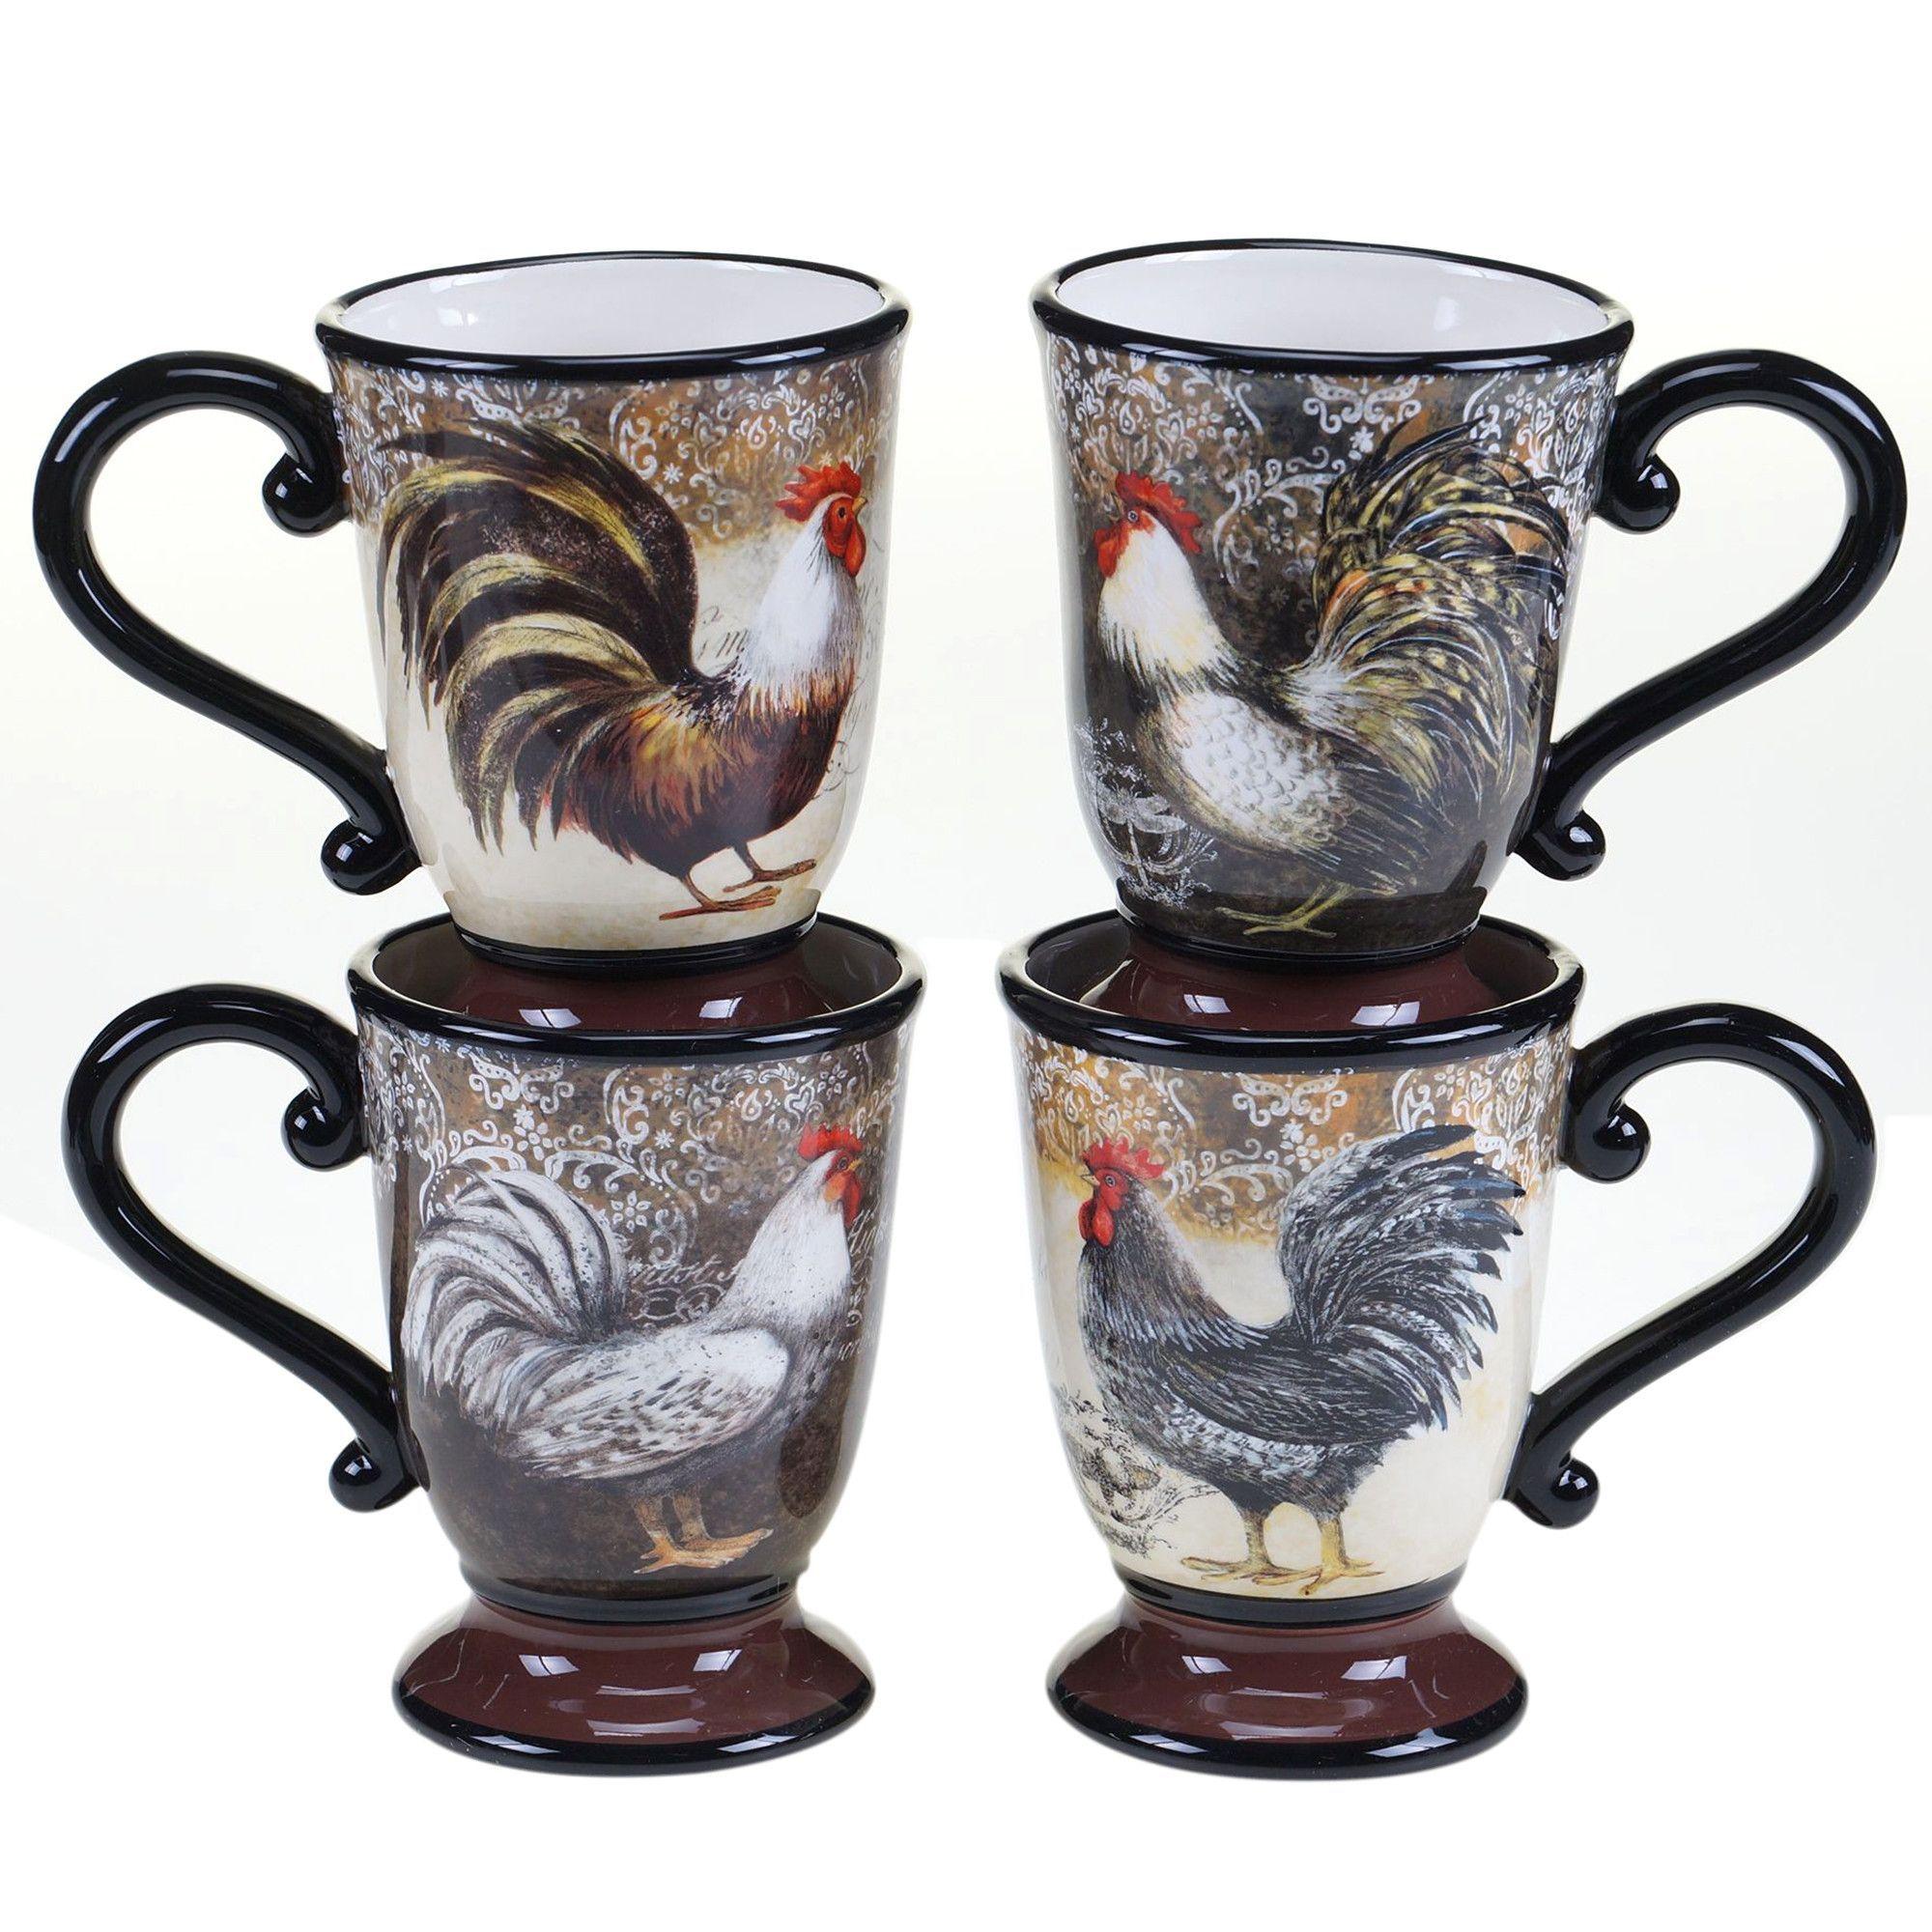 Vintage Rooster 4 Piece Mug Set Mugs set, Mugs, Rooster